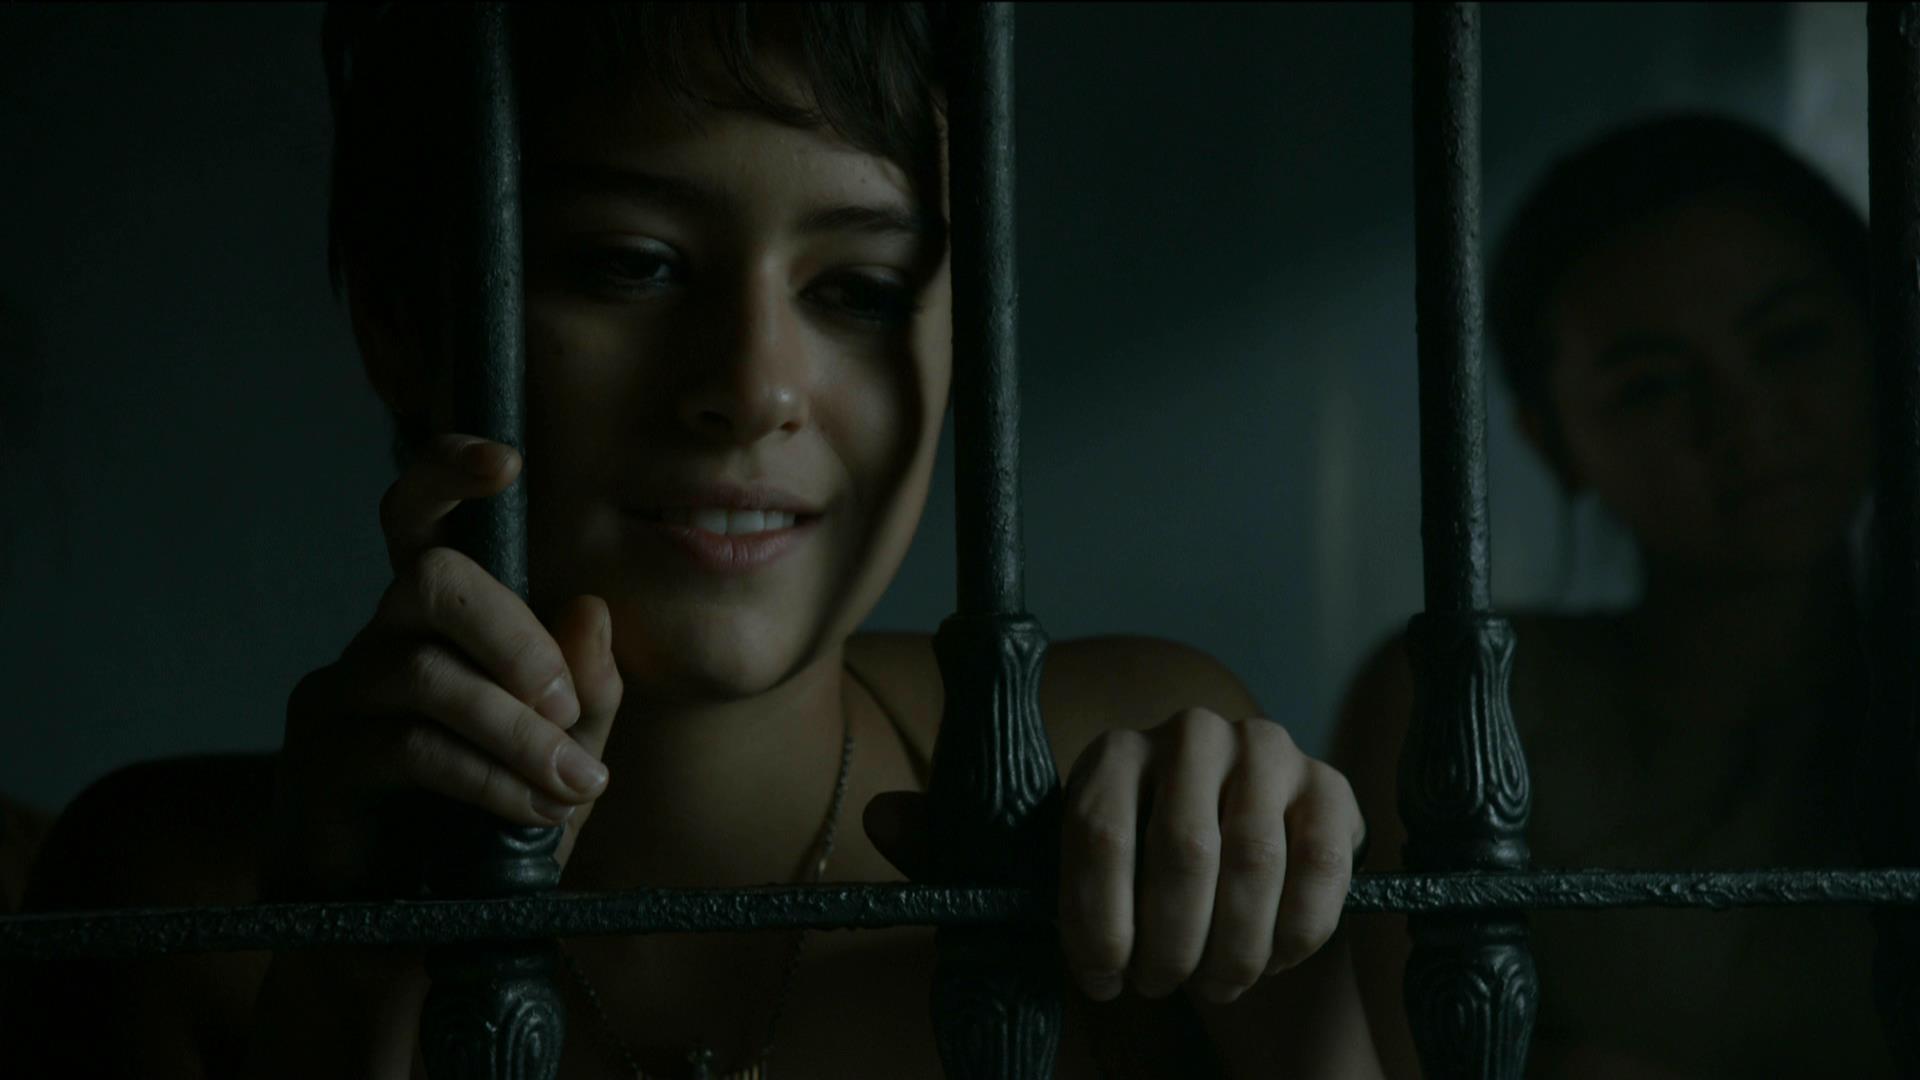 Смотреть трахну заключенную, Охранник трахает заключенную в тюрьме порно видео 7 фотография